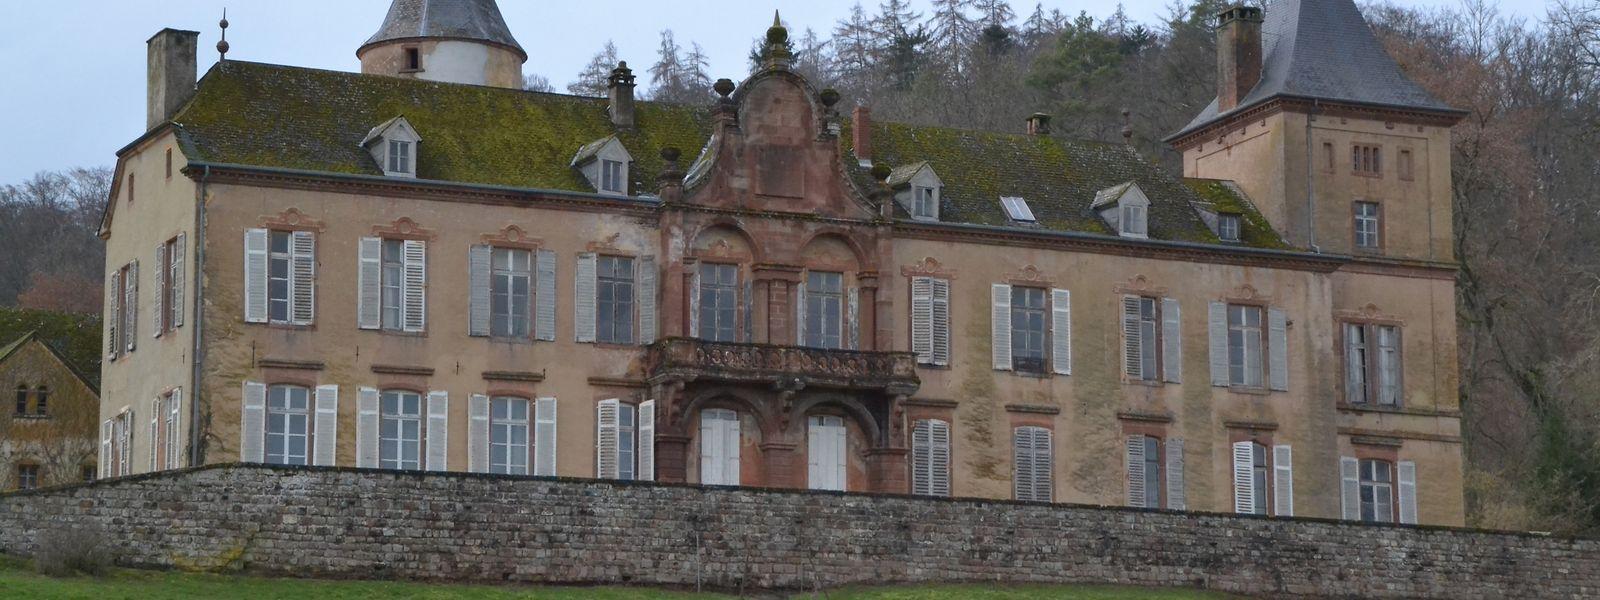 Das Schloss mit seinen Ländereien stand zum Verkauf.